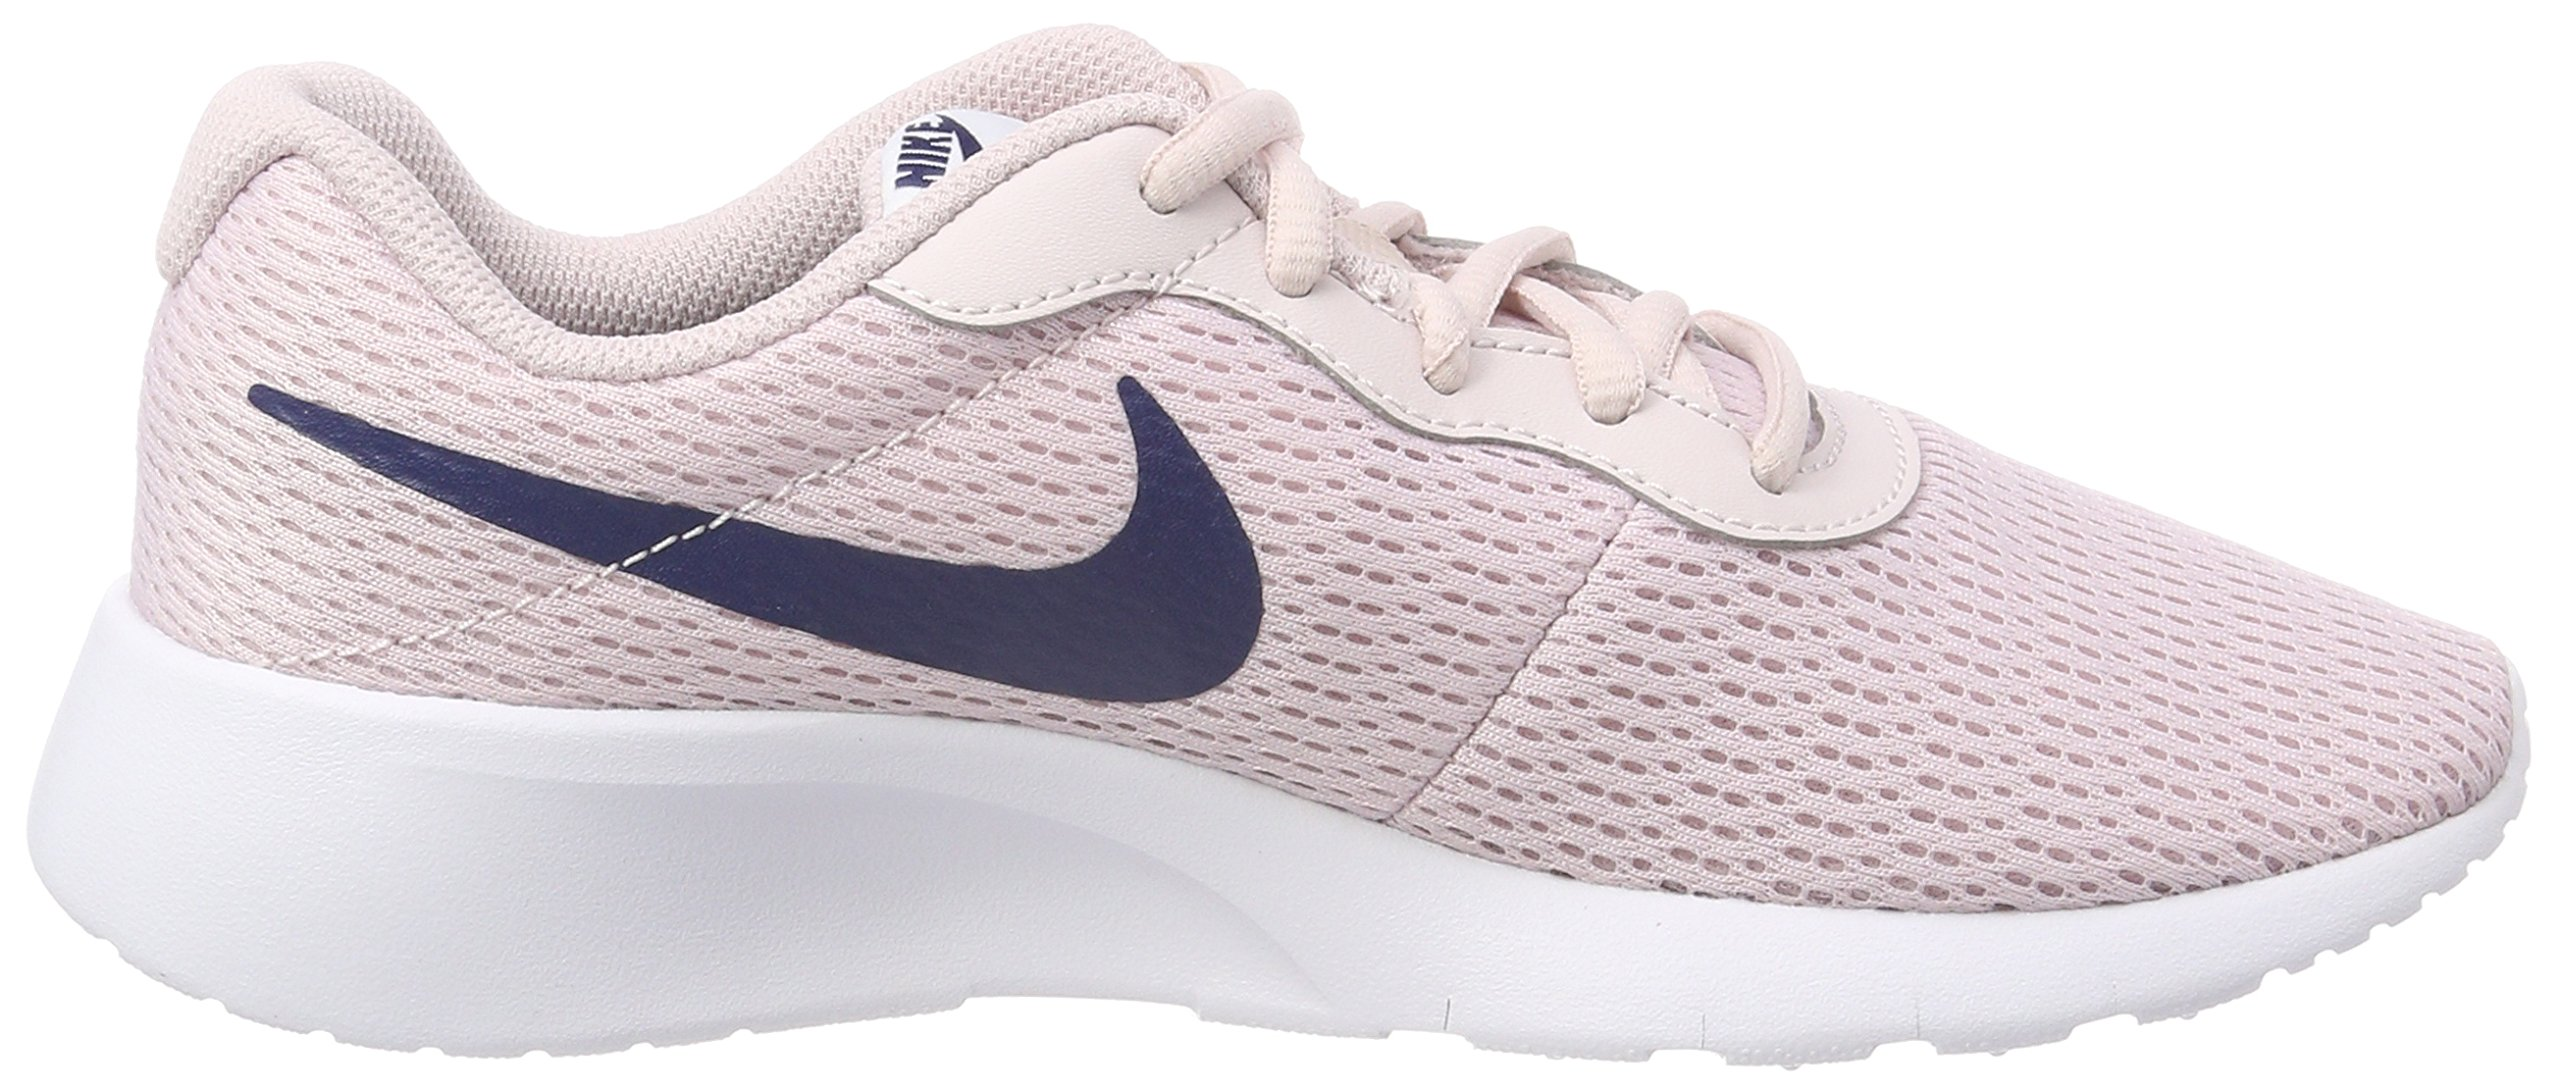 Nike Girl's Tanjun Shoe Barely Rose/Navy/White Size 4 M US by Nike (Image #6)